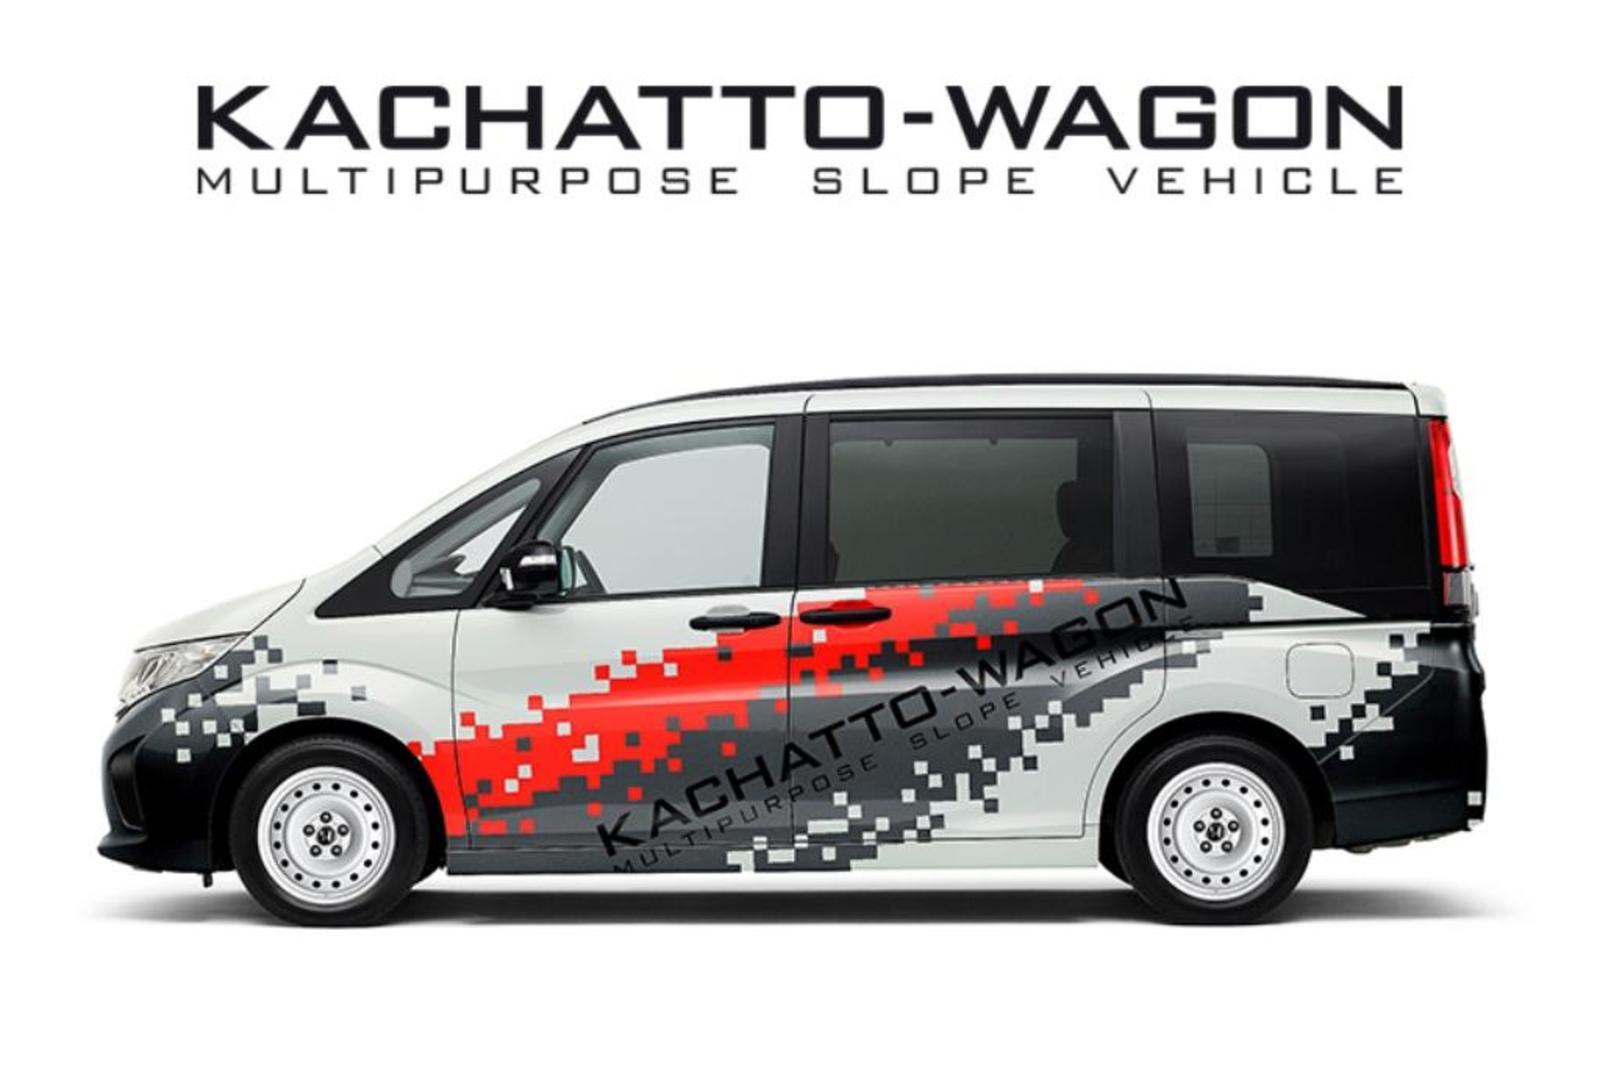 Honda Kachatto Wagon 1 (1)